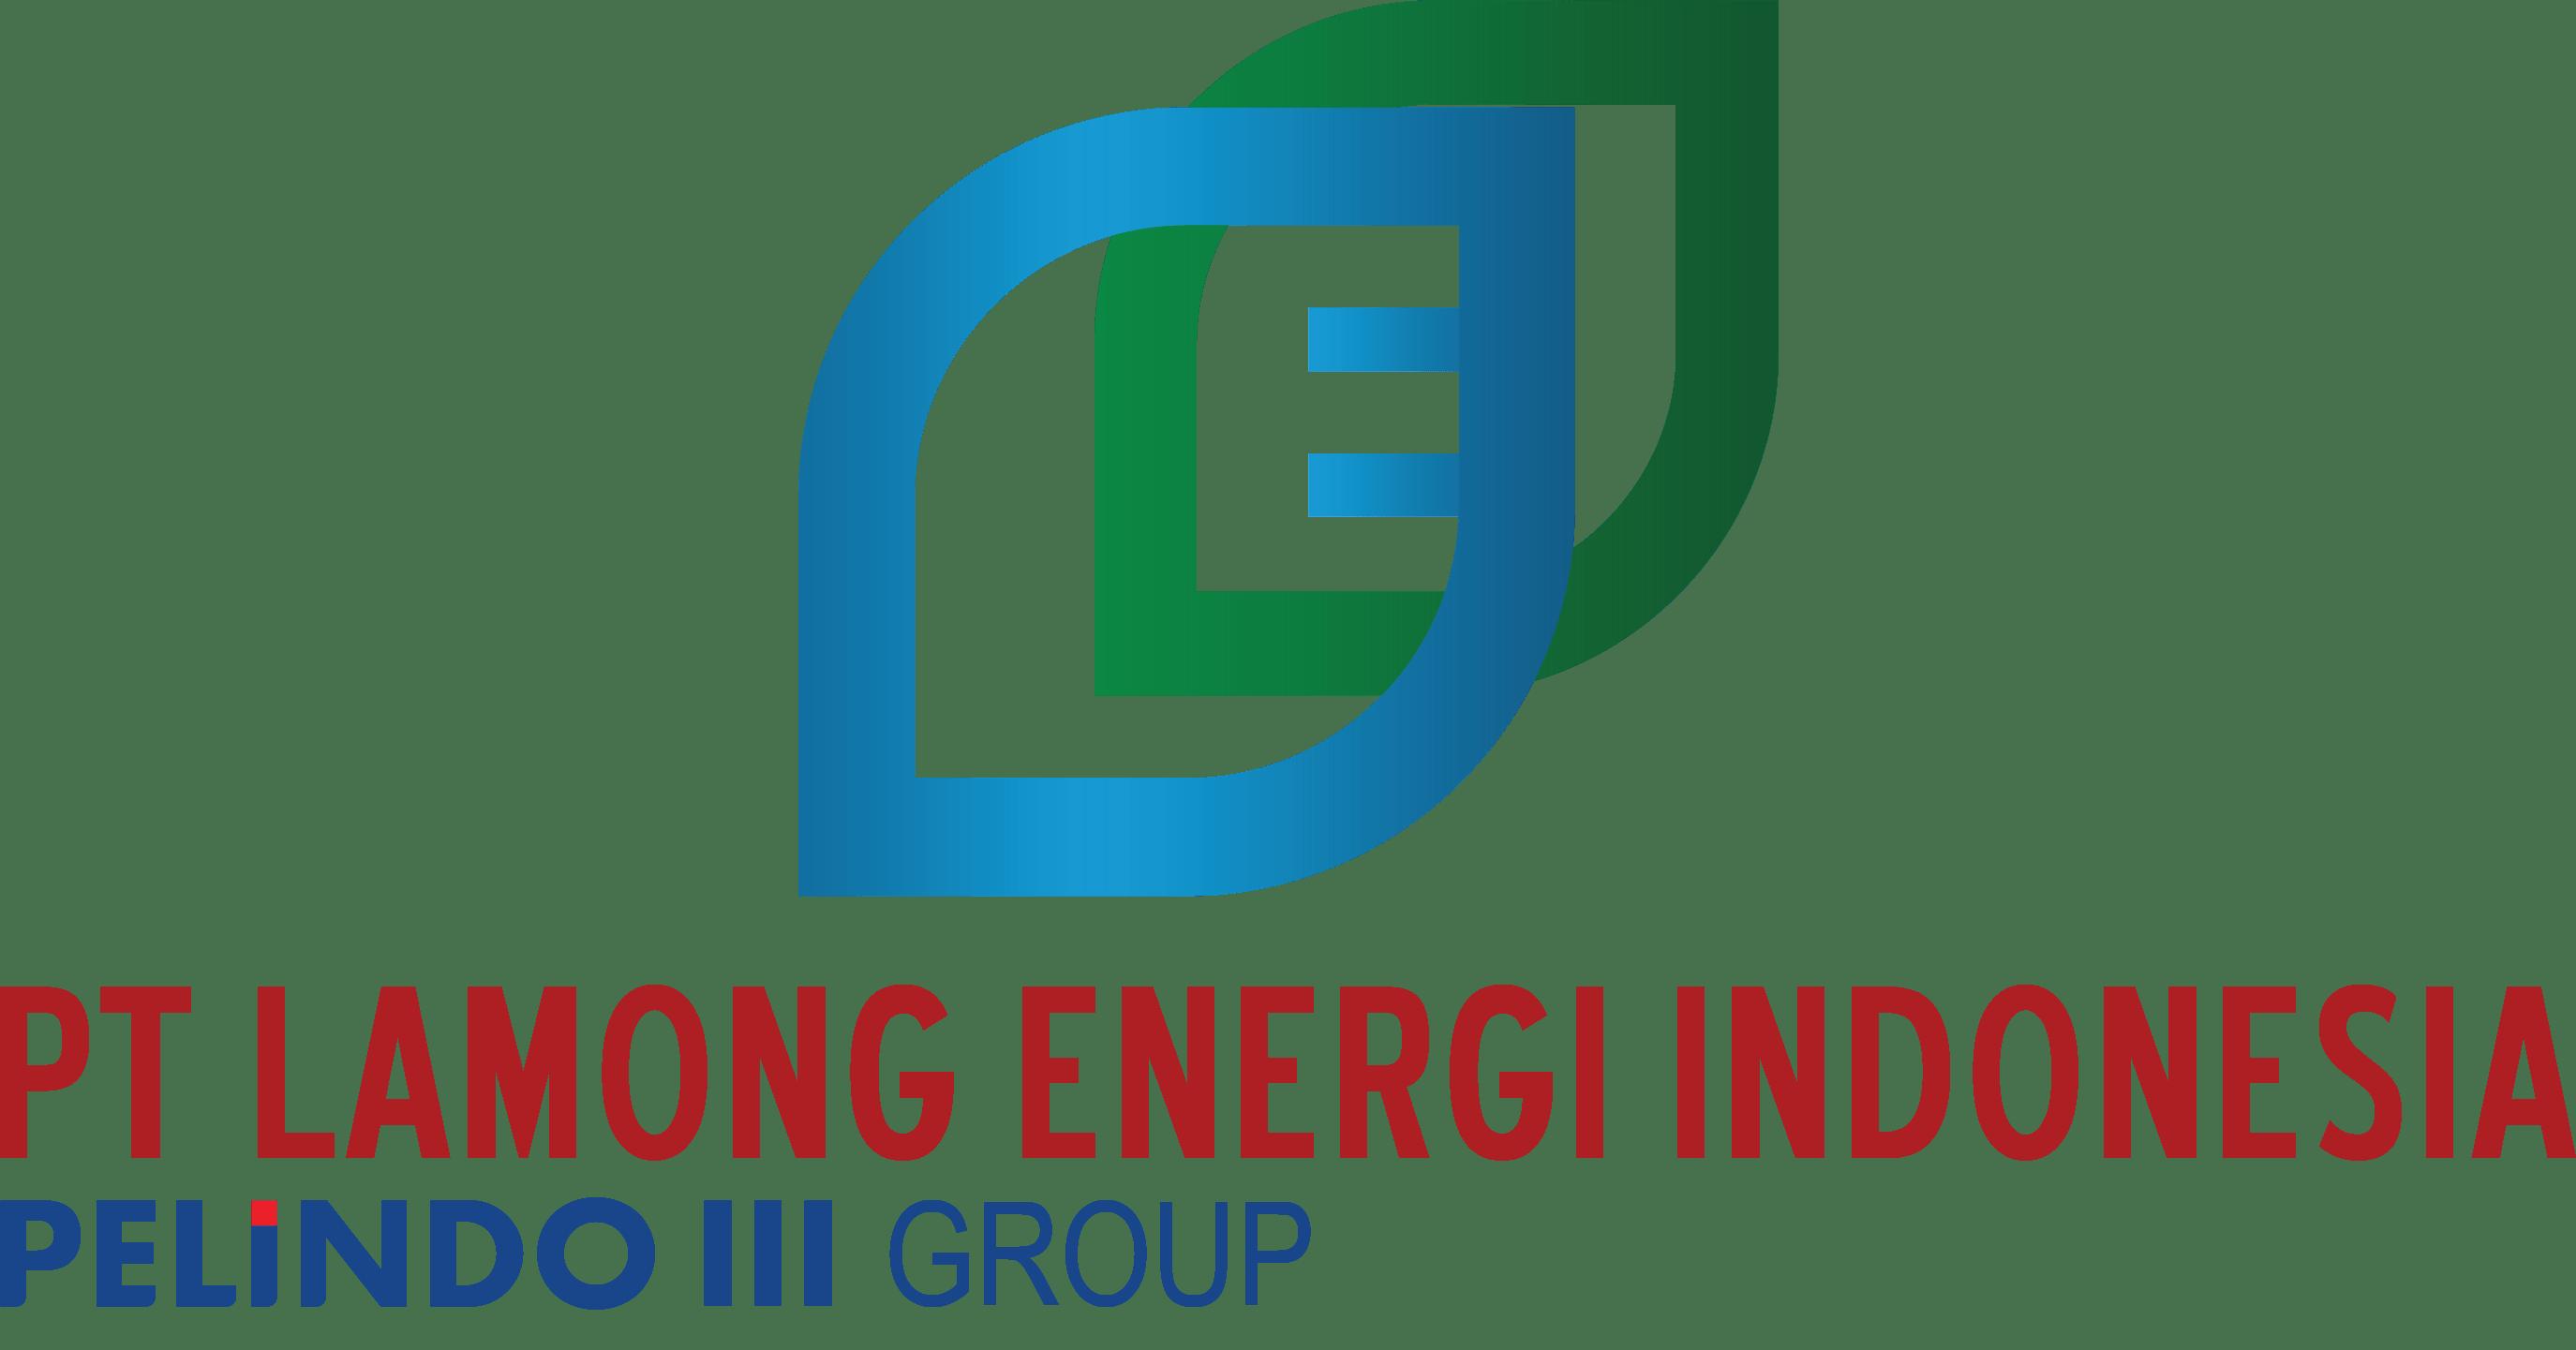 PT Lamong Energi Indonesia